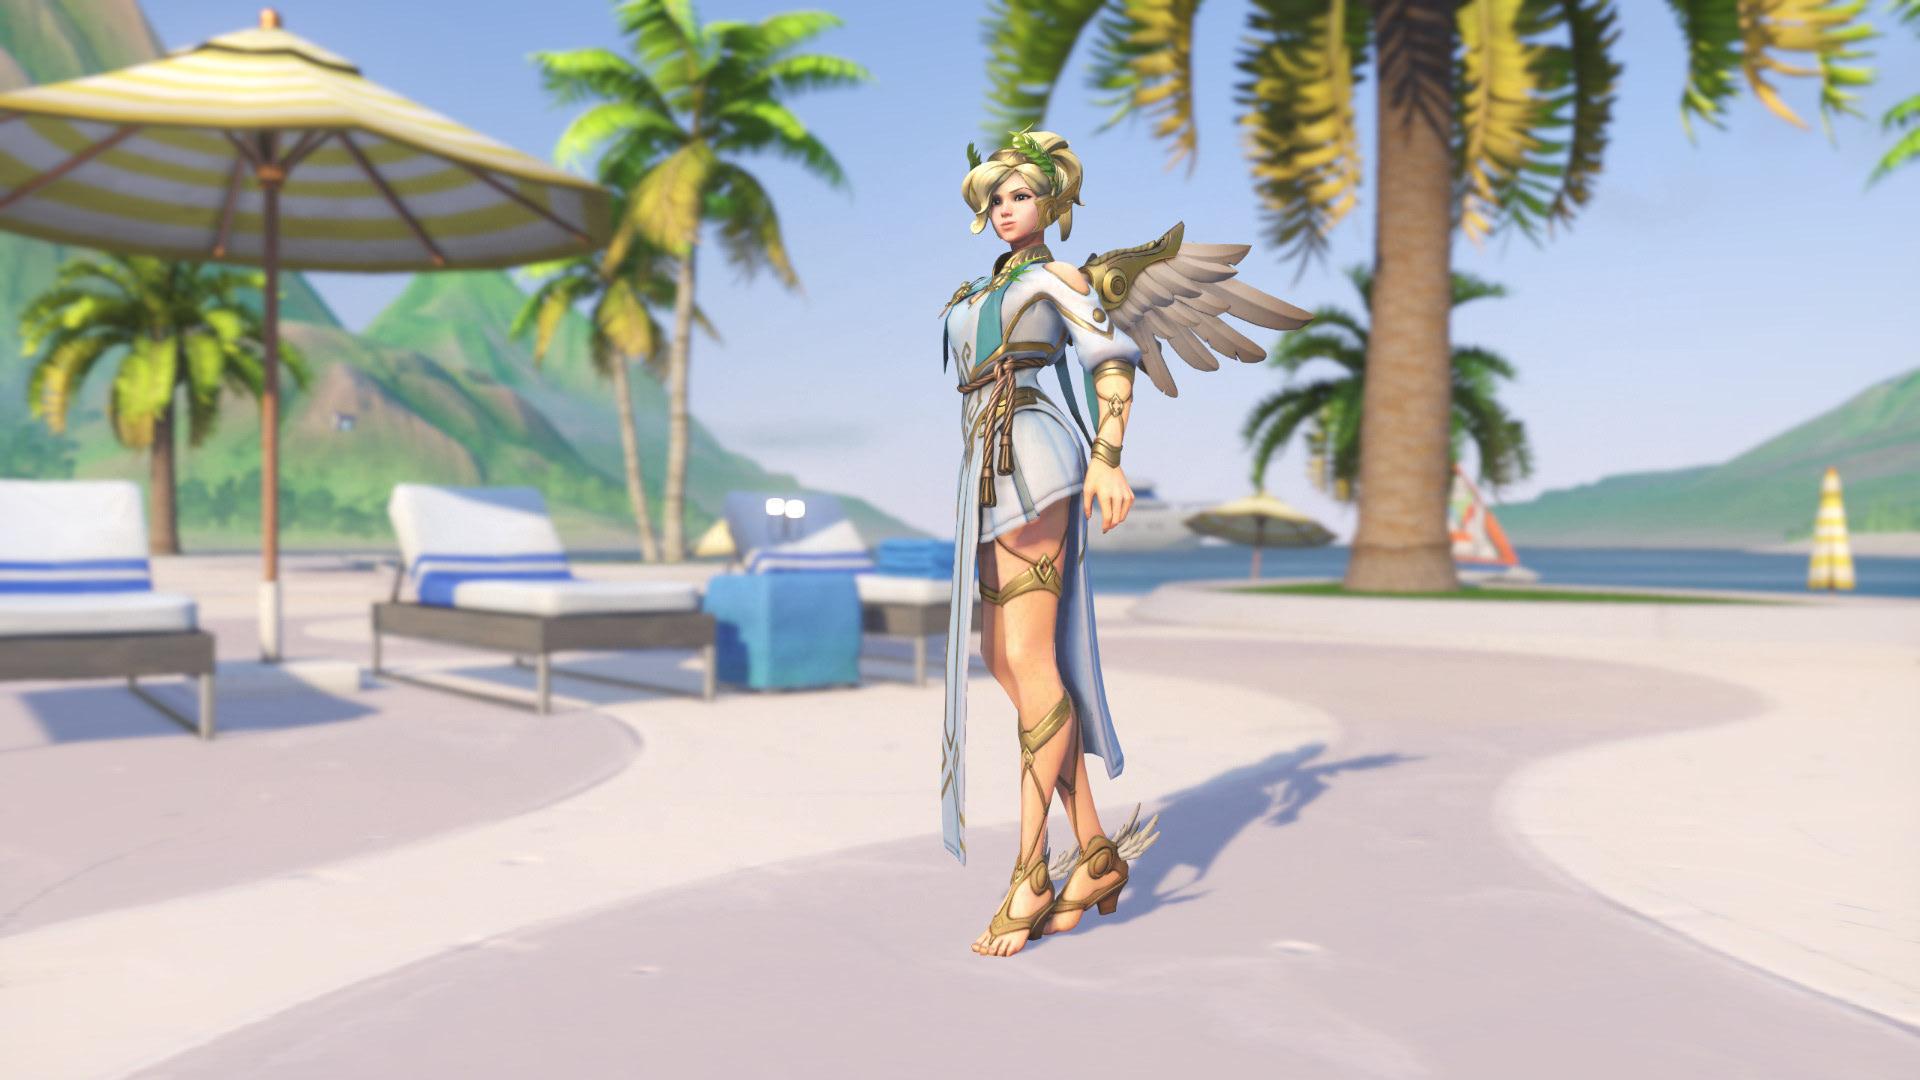 Overwatch: Sommerspiele gestartet und neues Video verfügbar